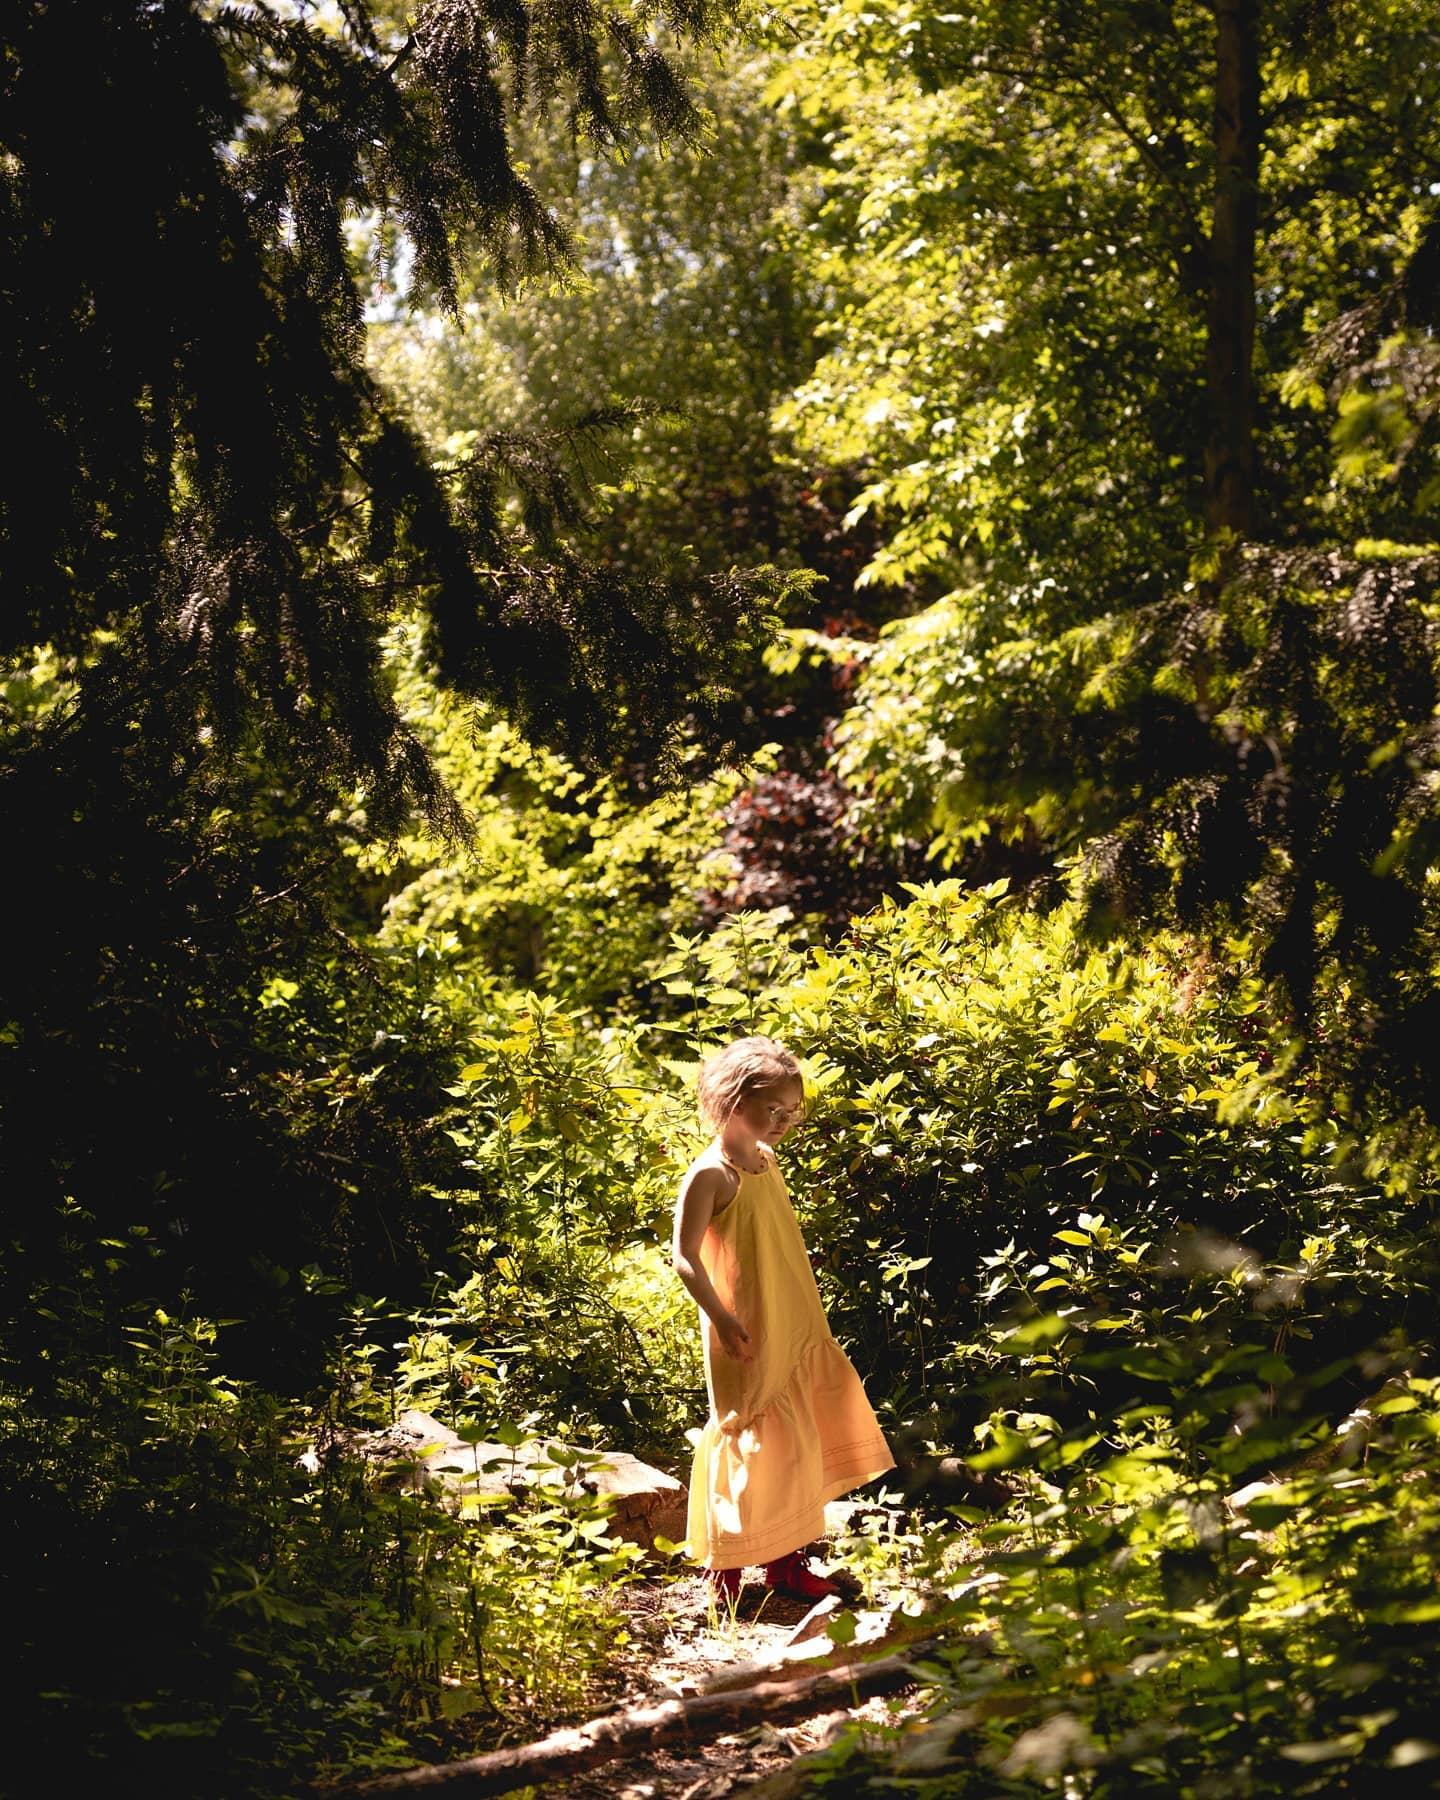 Jaaaah daar is die zomer eindelijk. Jeetje, voor mijn gevoel hebben de zonnige dagen nog nooit zo lang op zich laten wachten. Al die regen was wel even fijn voor de natuur, minder goed voor mijn state of mind. We kijken niet meer terug, alleen nogmaar uit naar de komende zomer. Eindelijk eindelijk eindelijk konden deze week de zomerjurkjes korte broekjes en dunne shirtjes uit de kast. Wat een rijkdom. Zonder zware jas, laagjes van vesten en lange mouwen. Gewoon wat lichte luchtige kleding aanslingeren lichte zomerschoenen en sandalen of gewoon blote voeten. En de deur zorgeloos achter je dicht trekken. Deze dagen zijn de kleertjes die we gekregen hebben van @all_gems_organic_kidswear echt favoriet vooral de lange gele jurk is populair bij de meisjes. En eindelijk zijn de geschikte temperaturen aangebroken om het aan te kunnen trekken. Feest! Door de zon voelen we ons 10 kilo lichter. Zowel kwa aankleding als mentaal. Dit was nodig. Het bos in, het water op, de velden in en de natuur in. Onvoorstelbaar hoeveel mooier de wereld ineens lijkt als de zon schijnt en alle kleuren van de lente je begroeten. Met dit klimaat zijn onze kinderen ook liever voor elkaar, minder gekibbel, gewoon lekker samen spelen. Minder in elkaars vaarwater. En als ik ze zo zie spelen en zorgen voor en met elkaar ontploft mijn hart. Wat heb ik toch een enorme mazzel met zulke mooie kleine vrouwen in mijn leven. Het is grappig hoe iedereen direct bij de eerste zonnestralen de natuur in trekt. We hebben het als mensen gewoon nodig die natuur, dat voel je aan alles in je lijf, de connectie is gewoon nodig om weer op te laden en te ontspannen. Onvoorstelbaar dat niet meer mensen zich dan zorgen maken en er harder aan trekken om deze planeet en onze natuur te beschermen denk ik op die momenten. Ben jij ook al heerlijk de natuur in gedoken deze week? Waar ben je geweest om op te laden? ⋒